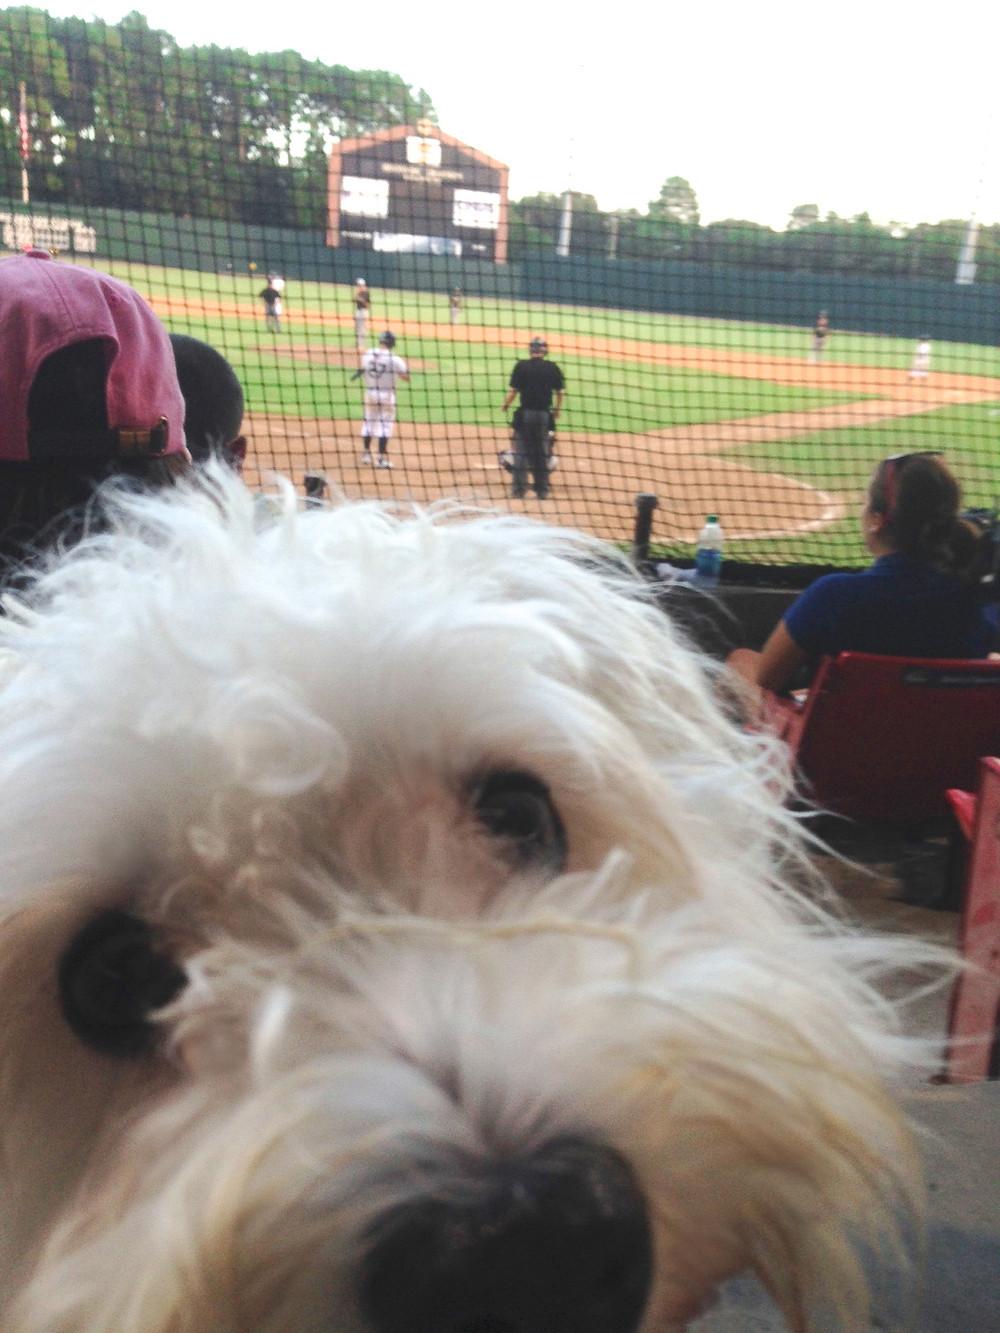 dog at baseball game